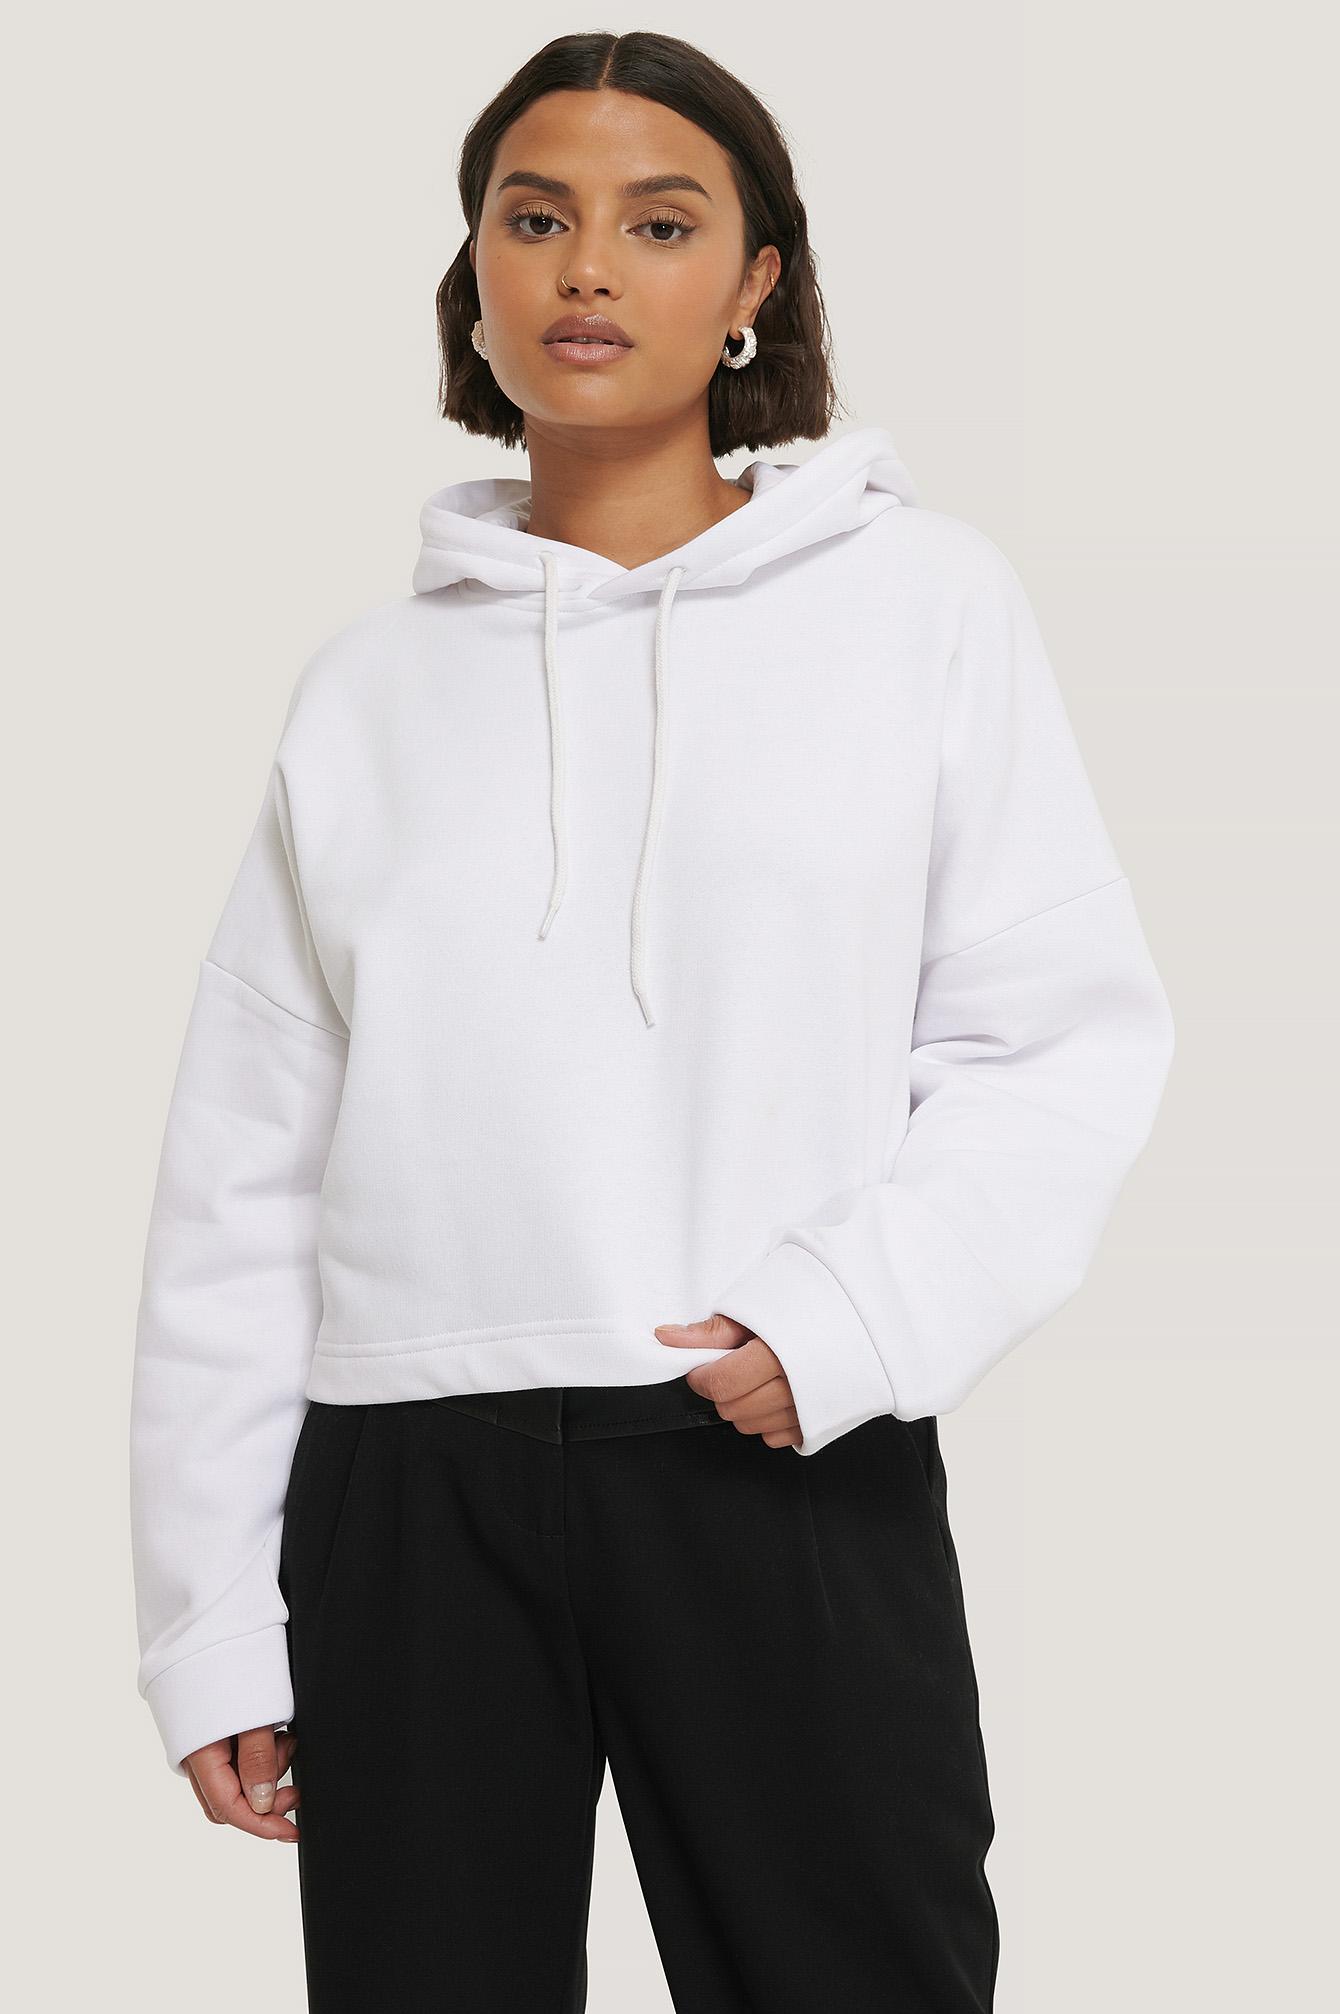 NA-KD Reborn Organisch Schlichter Cropped Hoodie - White | Bekleidung > Sweatshirts & -jacken > Hoodies | NA-KD Reborn